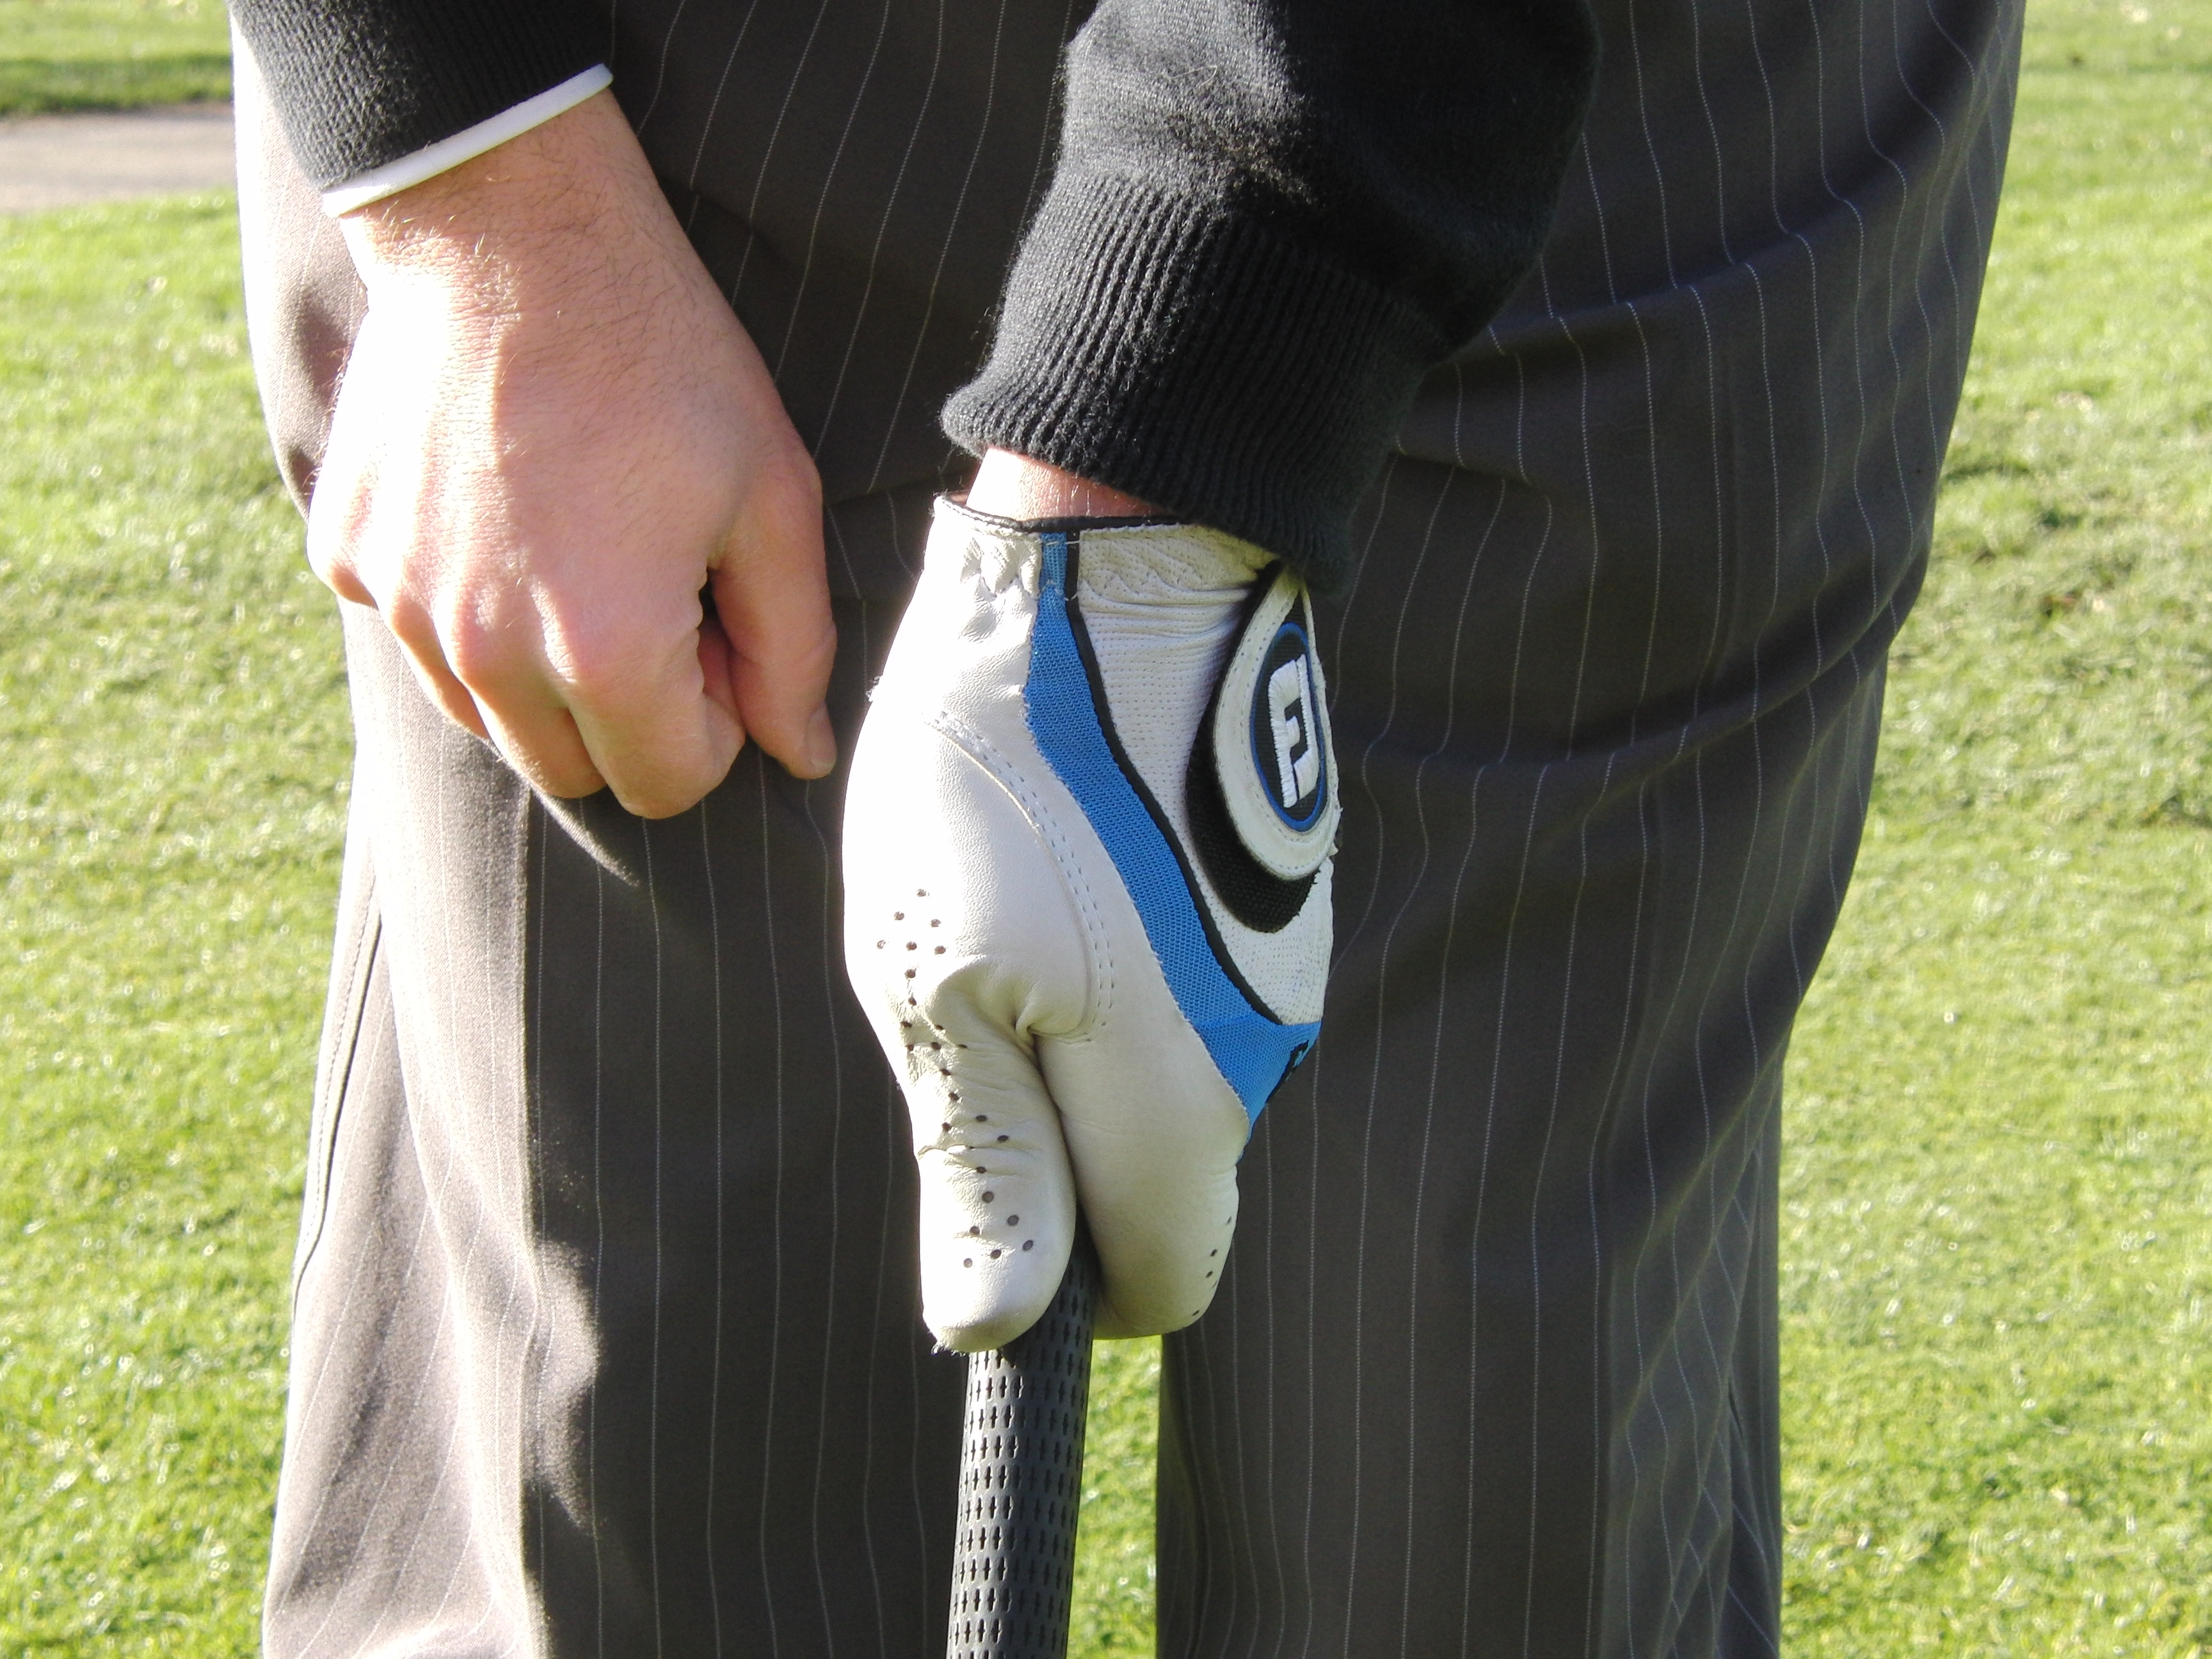 Congratulate, brilliant thumb down golf